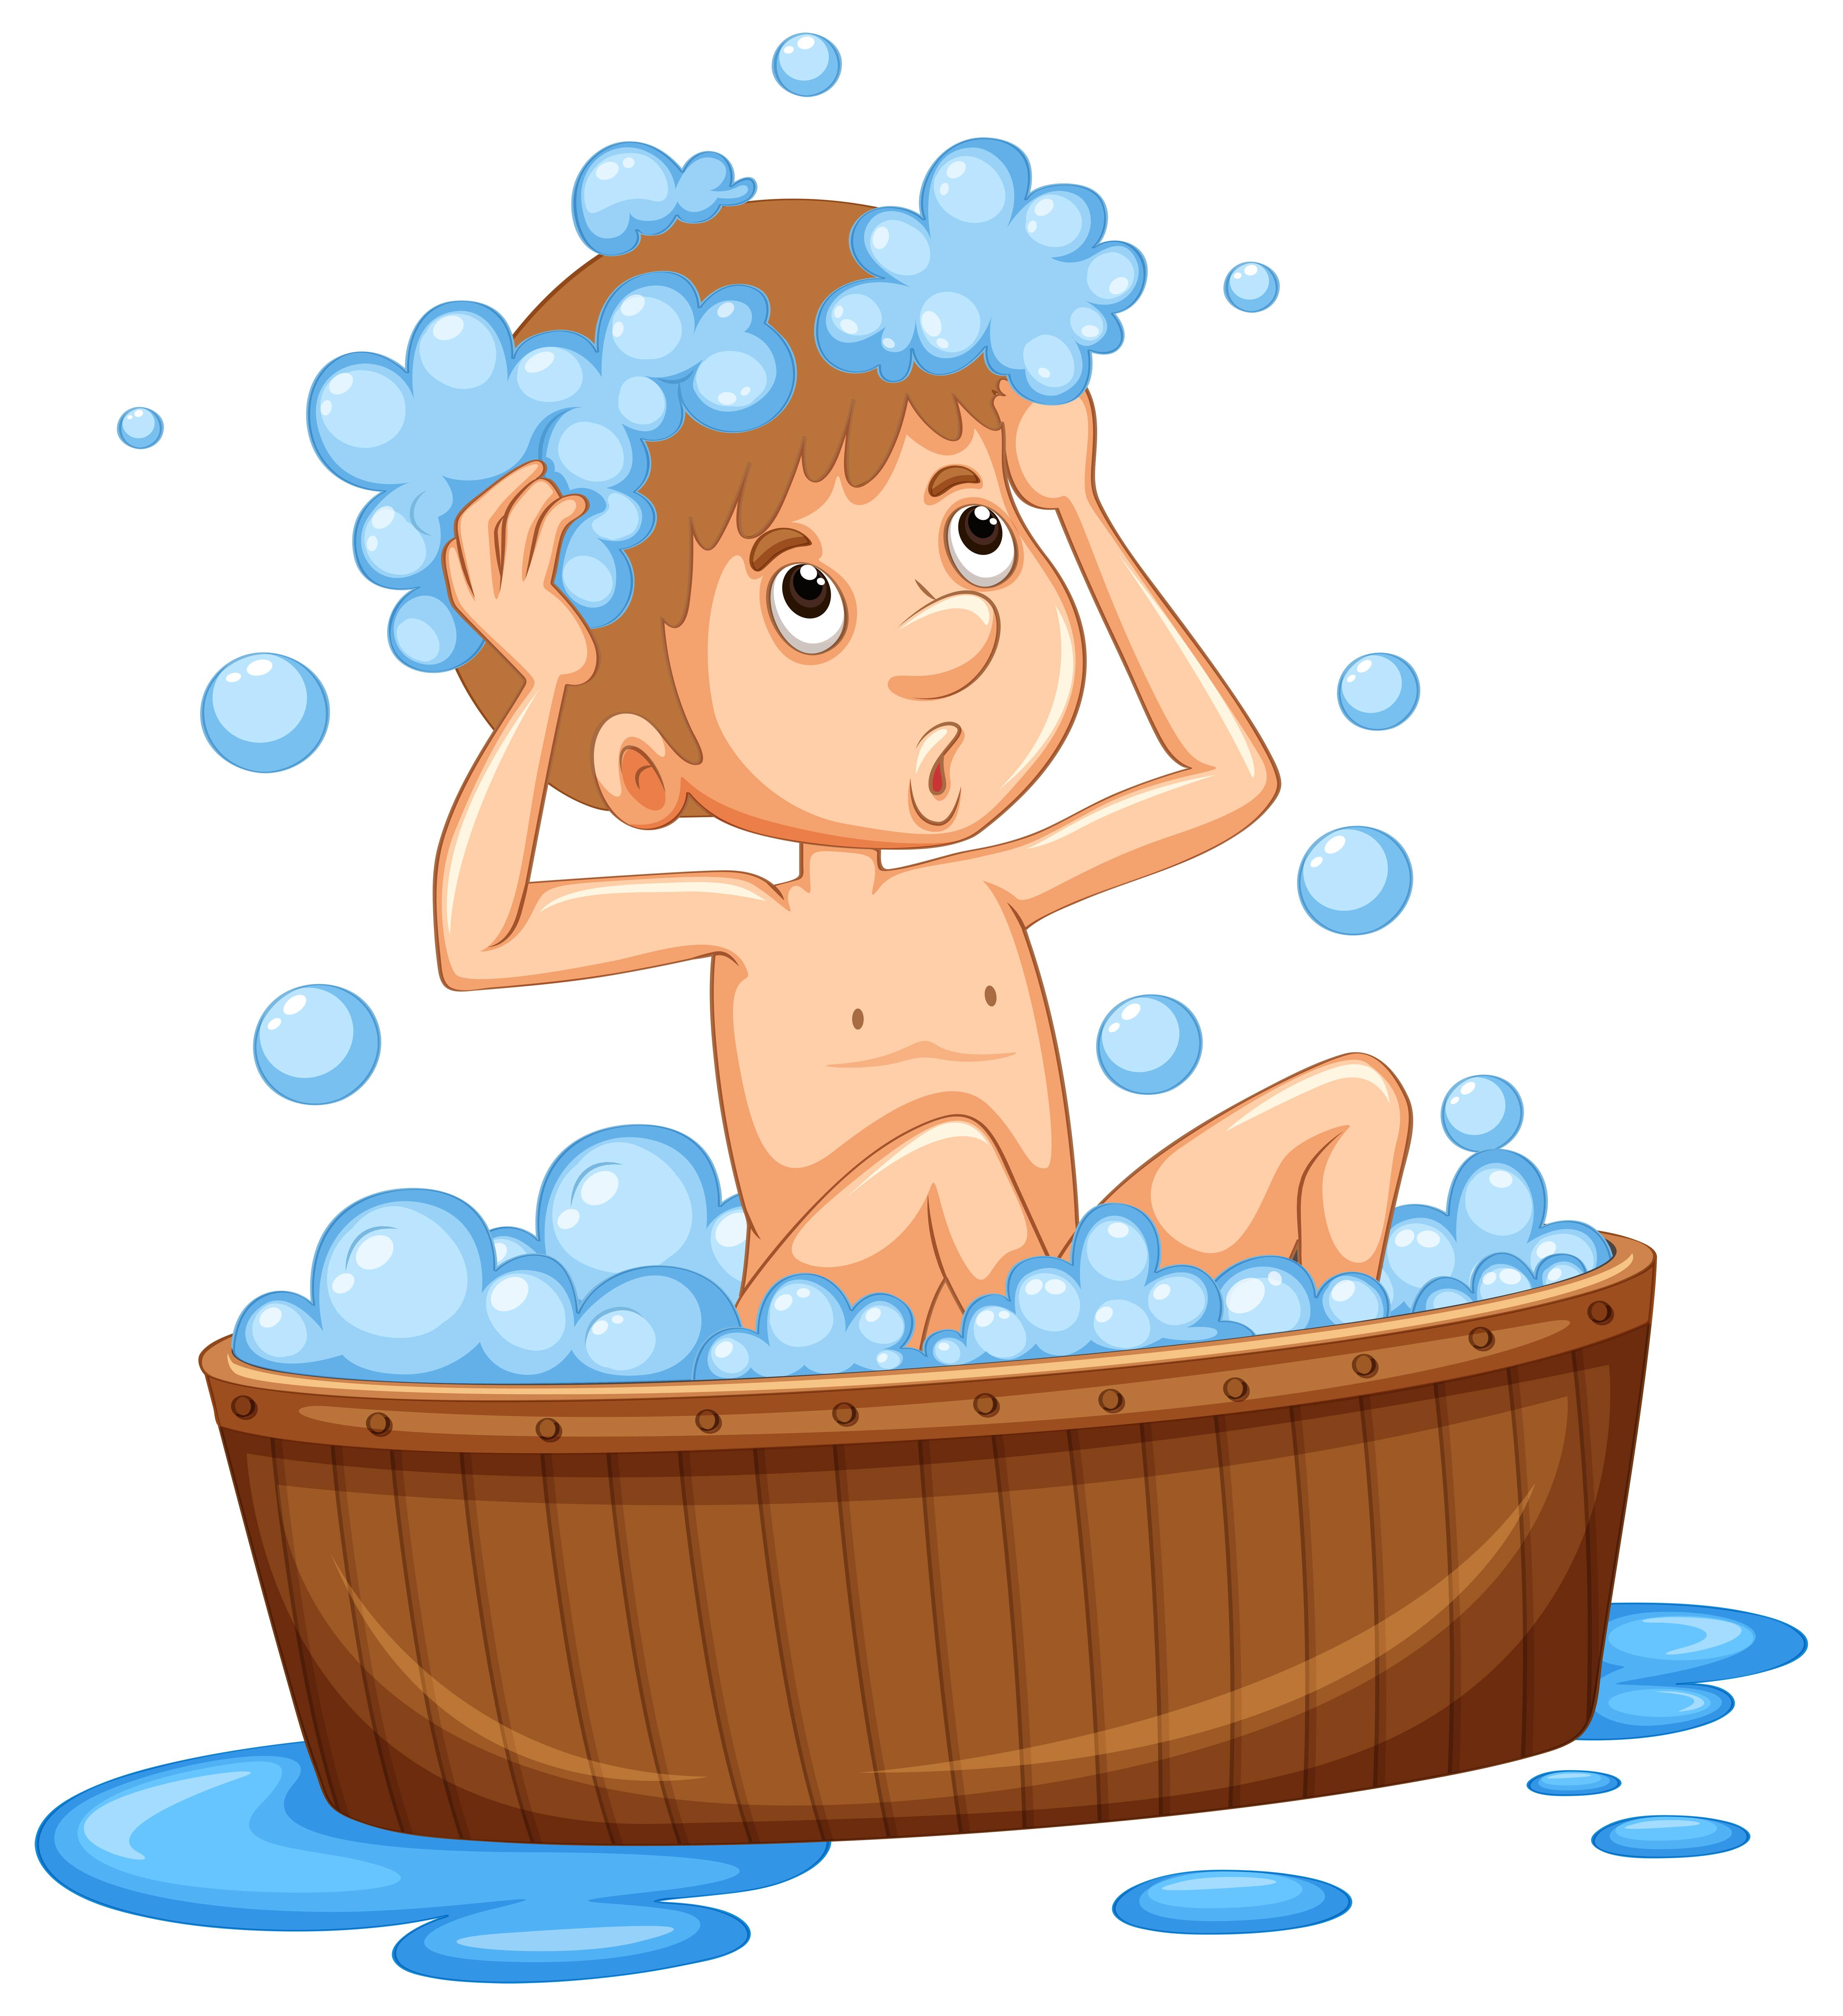 Junge, der Bad in der hölzernen Wanne nimmt - Download ...